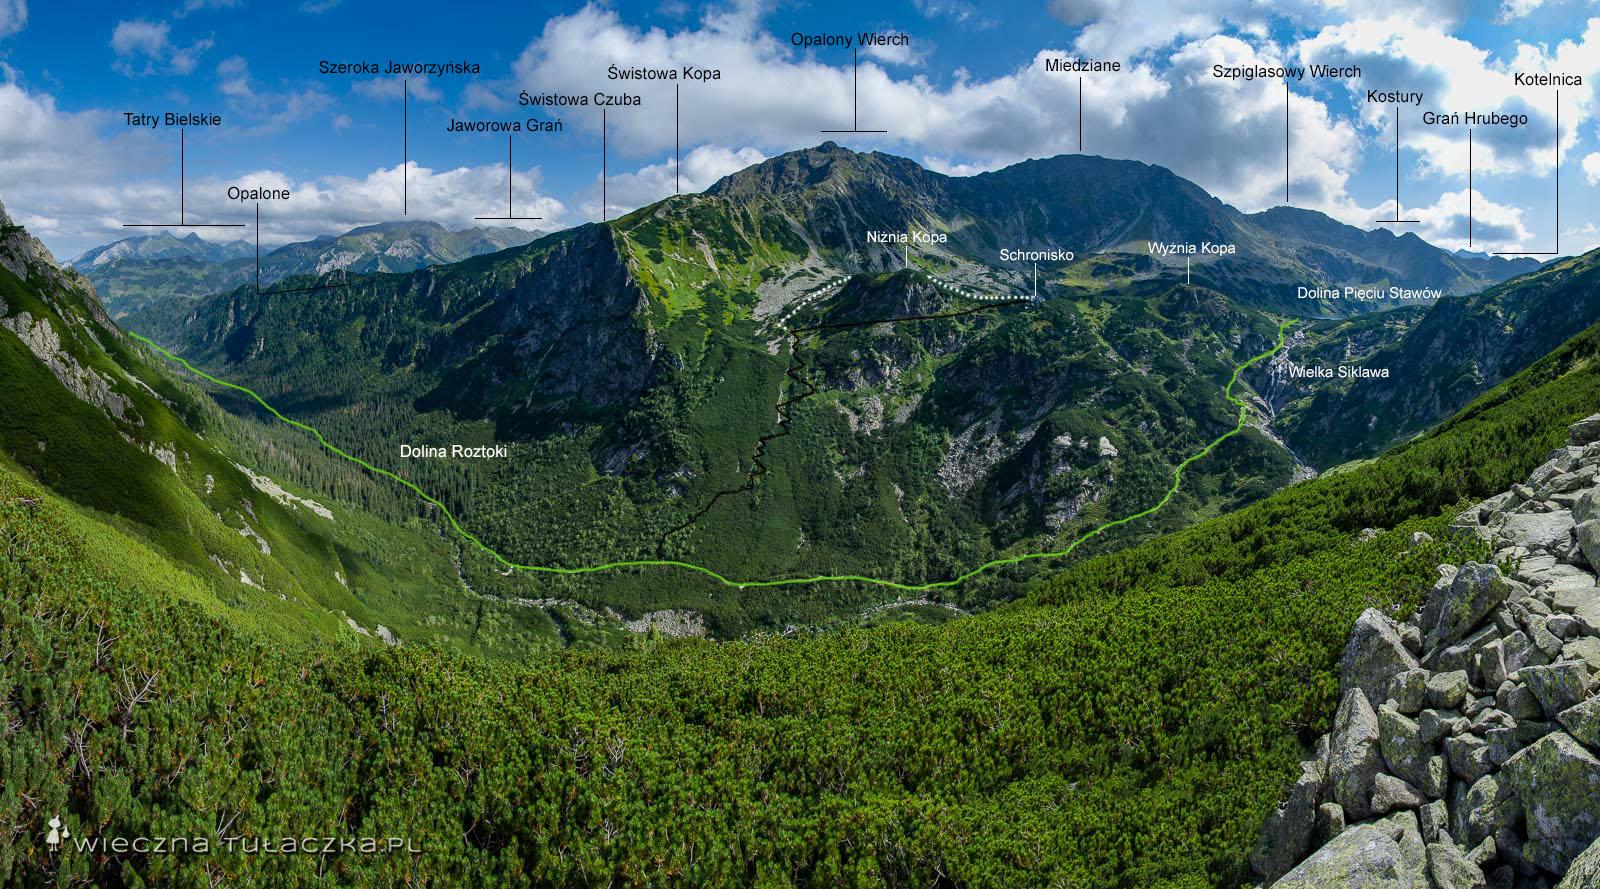 Dolina Roztoki ze szlaku na Krzyżne